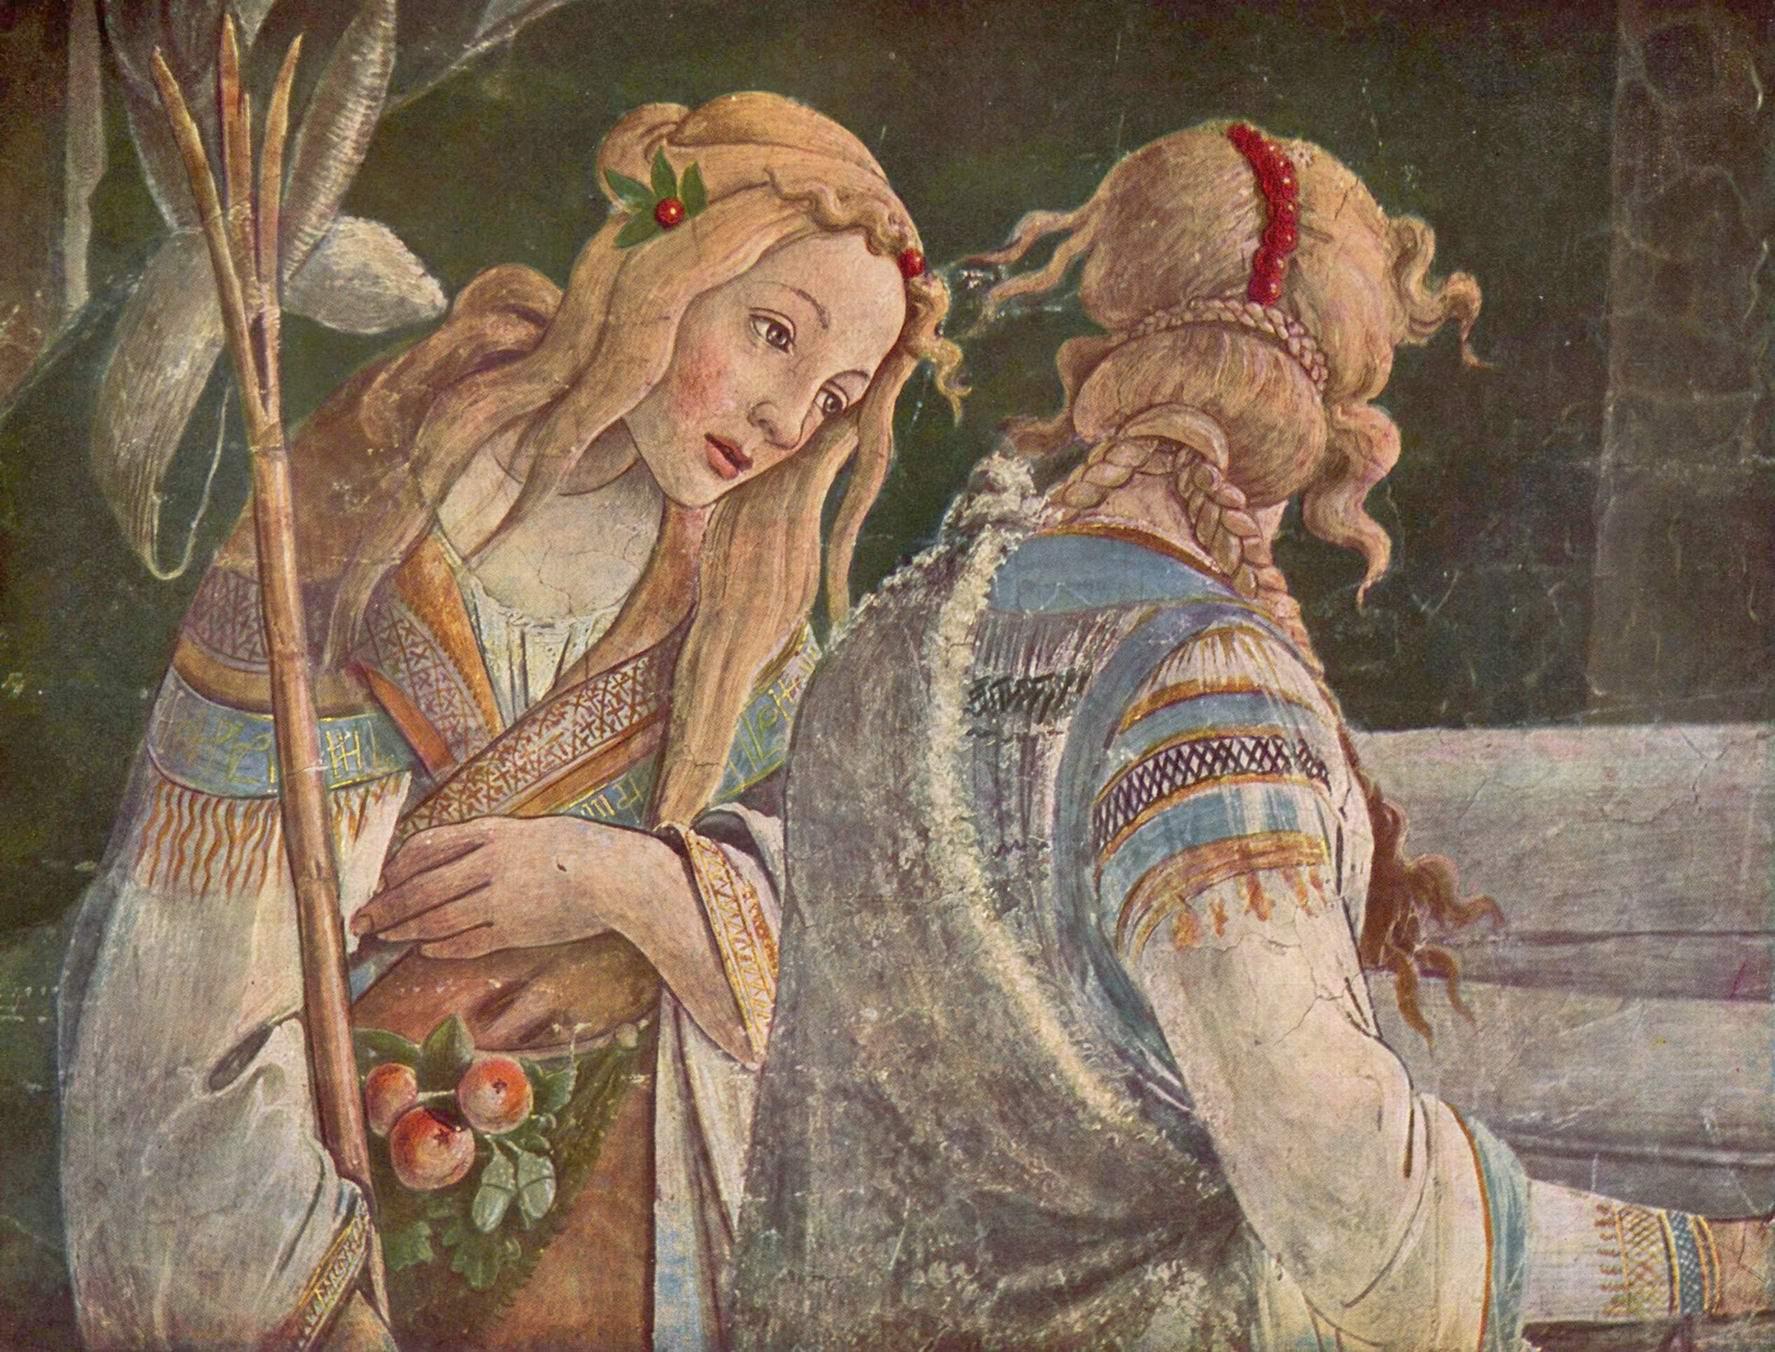 Фрески Сикстинской капеллы в Риме  Юность Моисея, фрагмент, Сандро Боттичелли